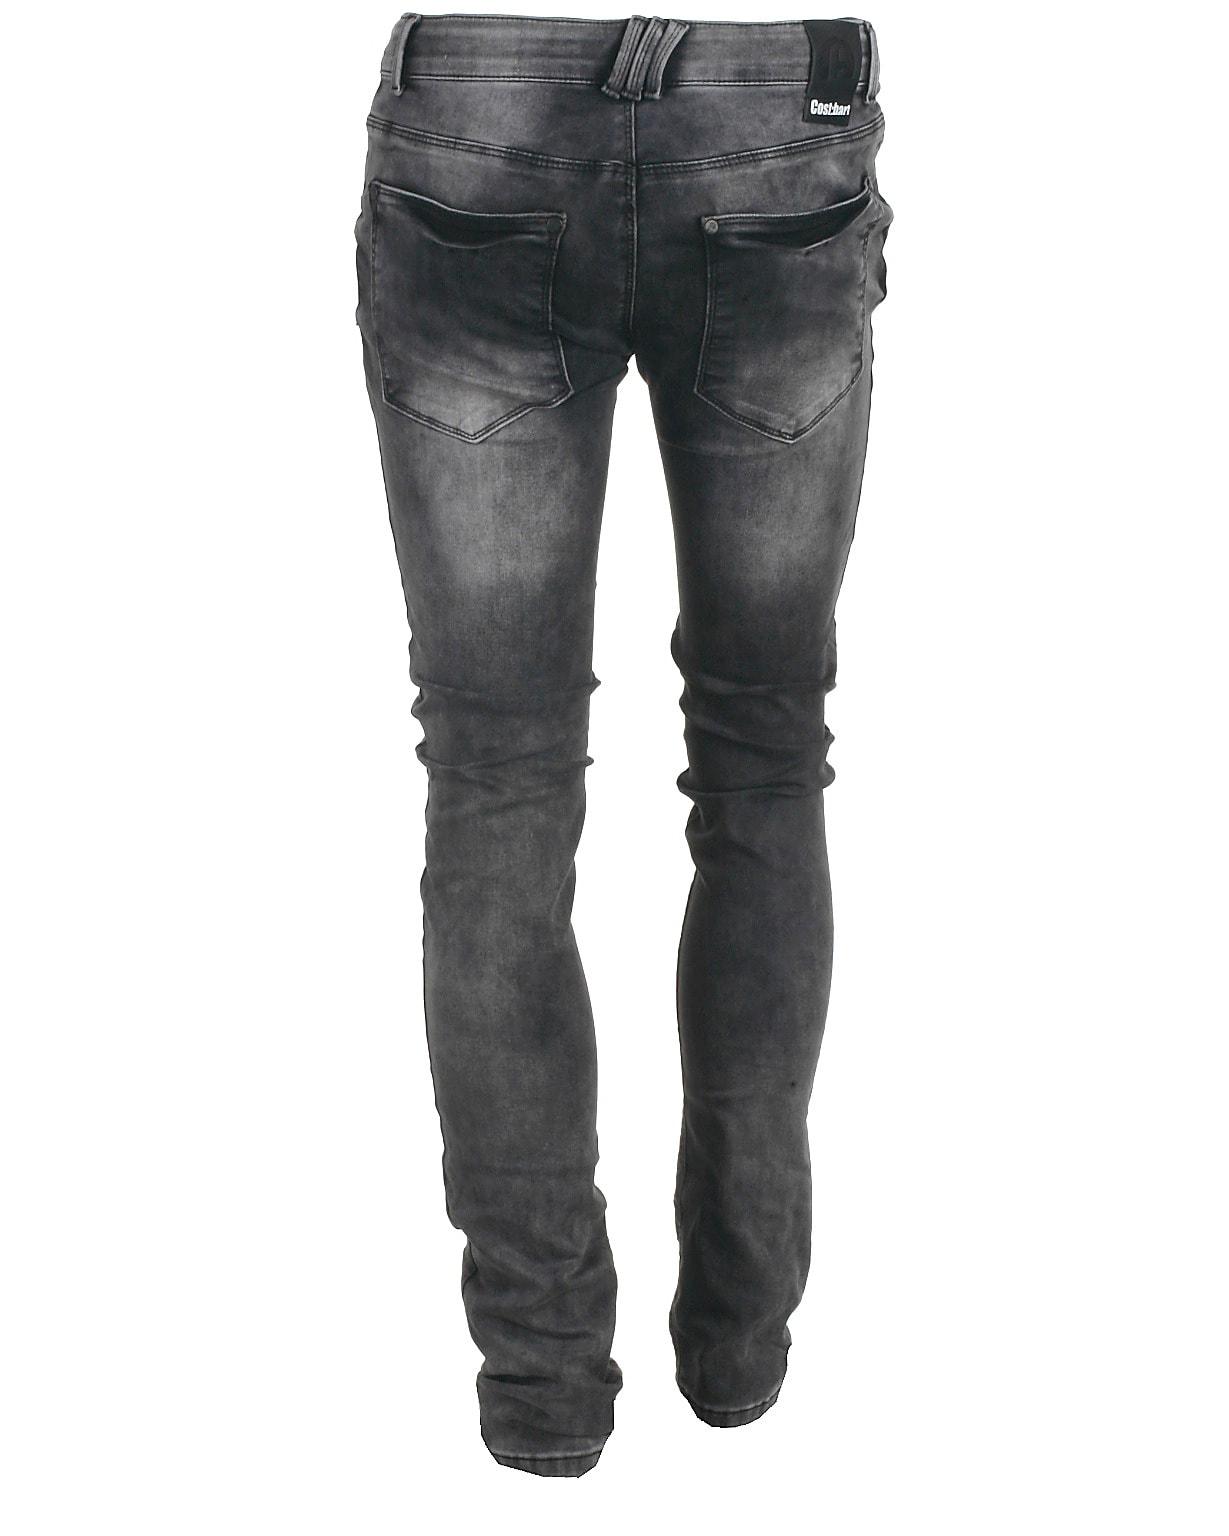 f6b0baae48e Cost:bart jeans, grå, Bowie